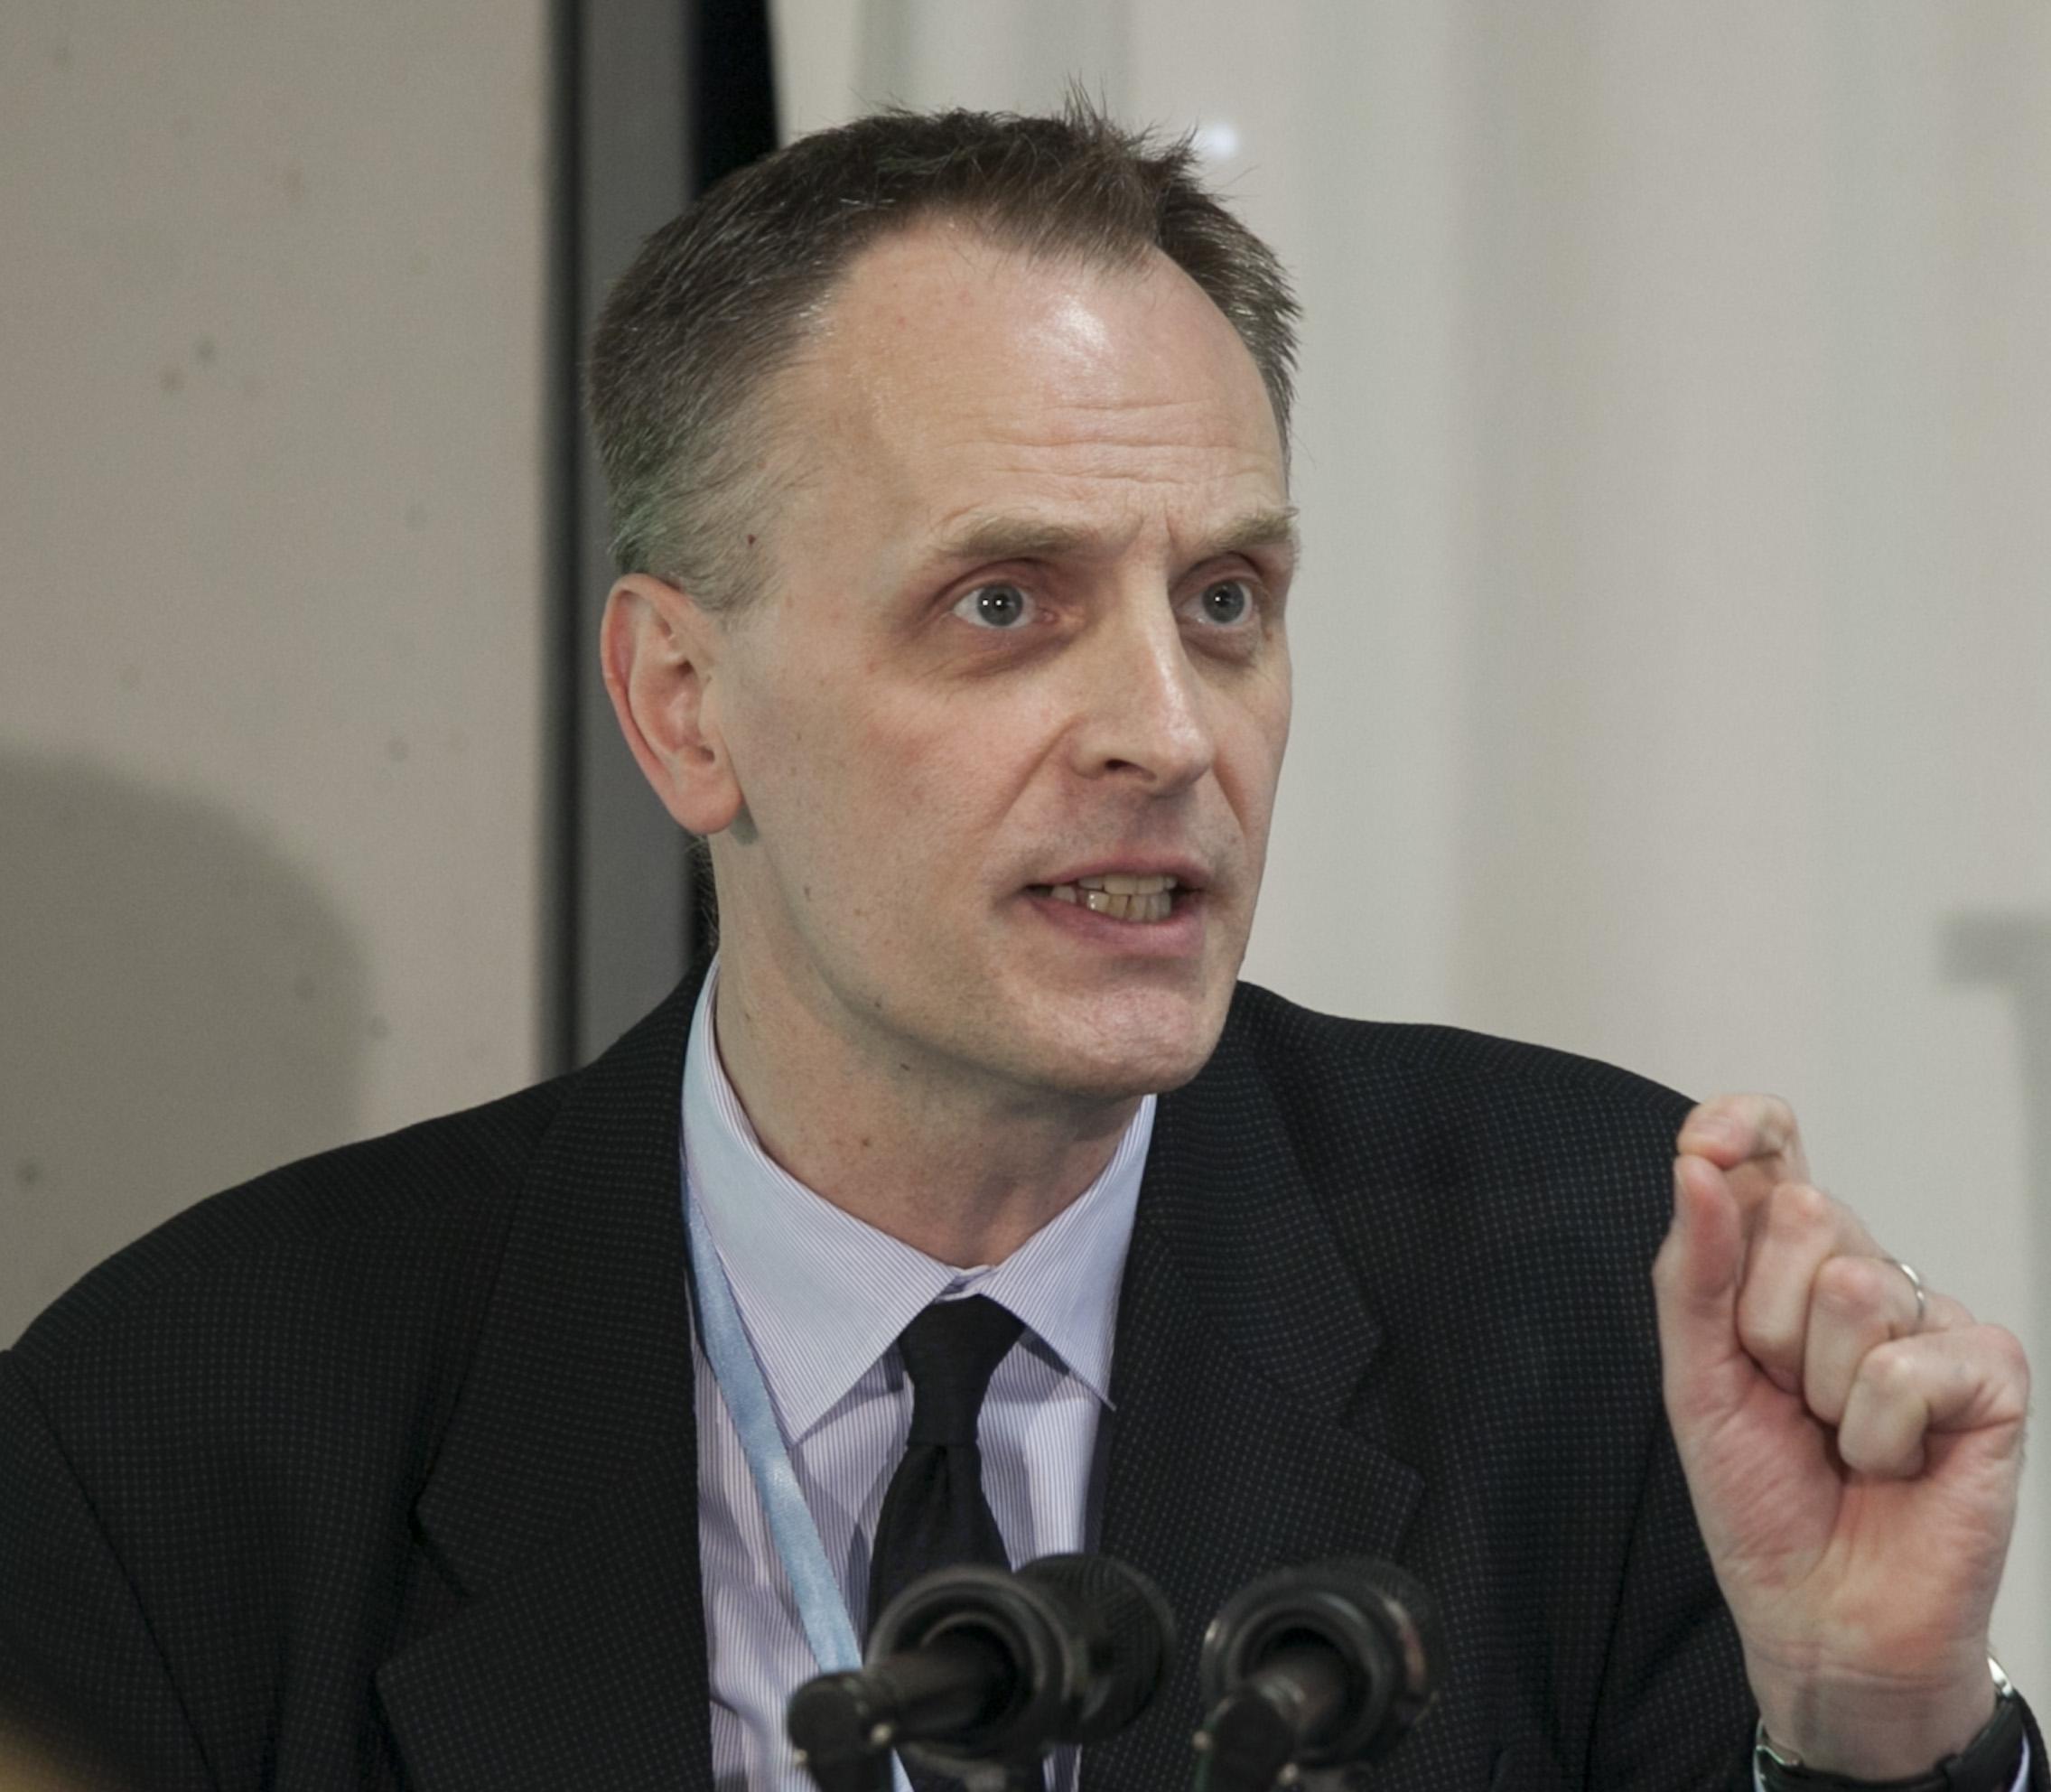 IMAGEM: Tivemos 'sorte' de pandemia ter começado na China, afirma editor da 'Lancet'